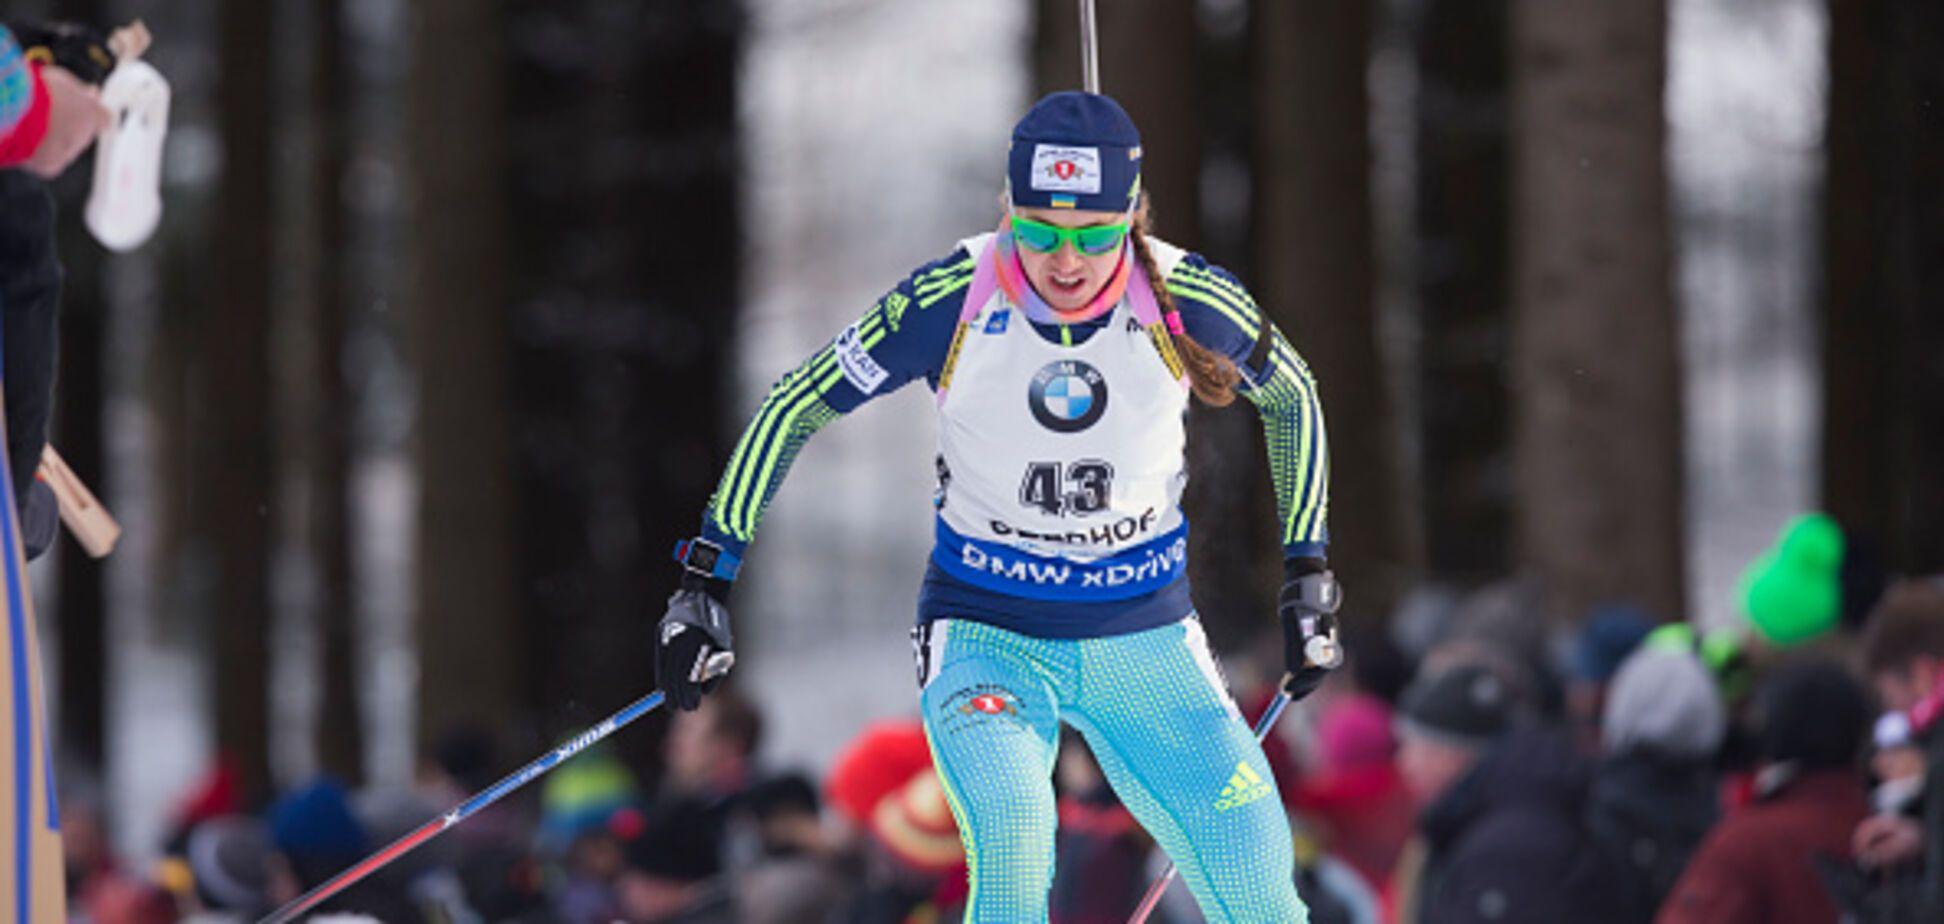 Украина завоевала 'деревянную' медаль в спринте на Кубке мира по биатлону